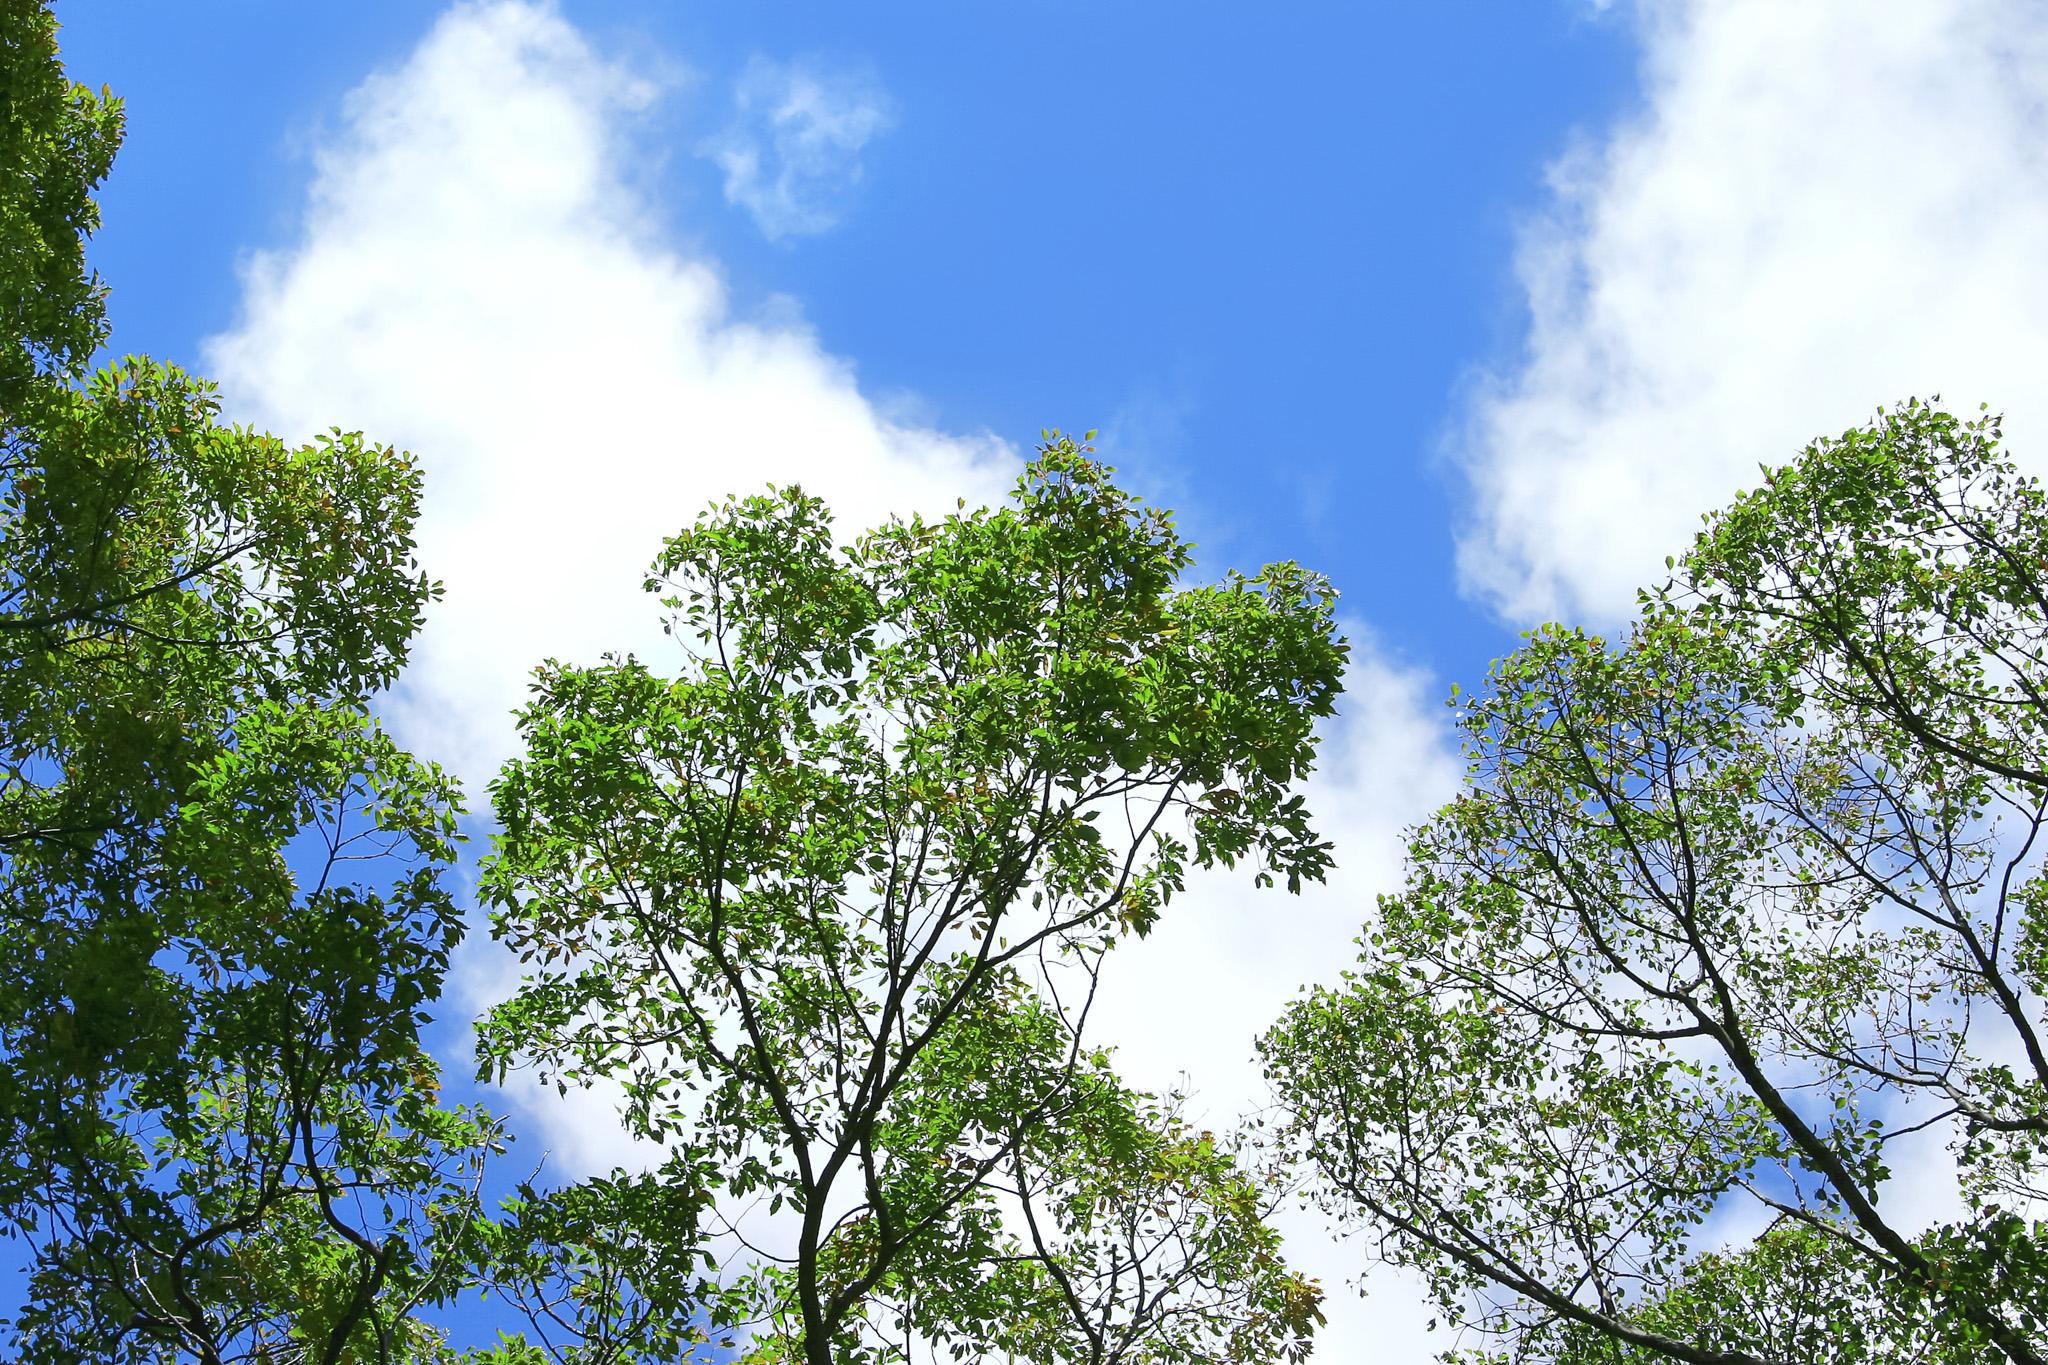 青空と緑の葉の樹木